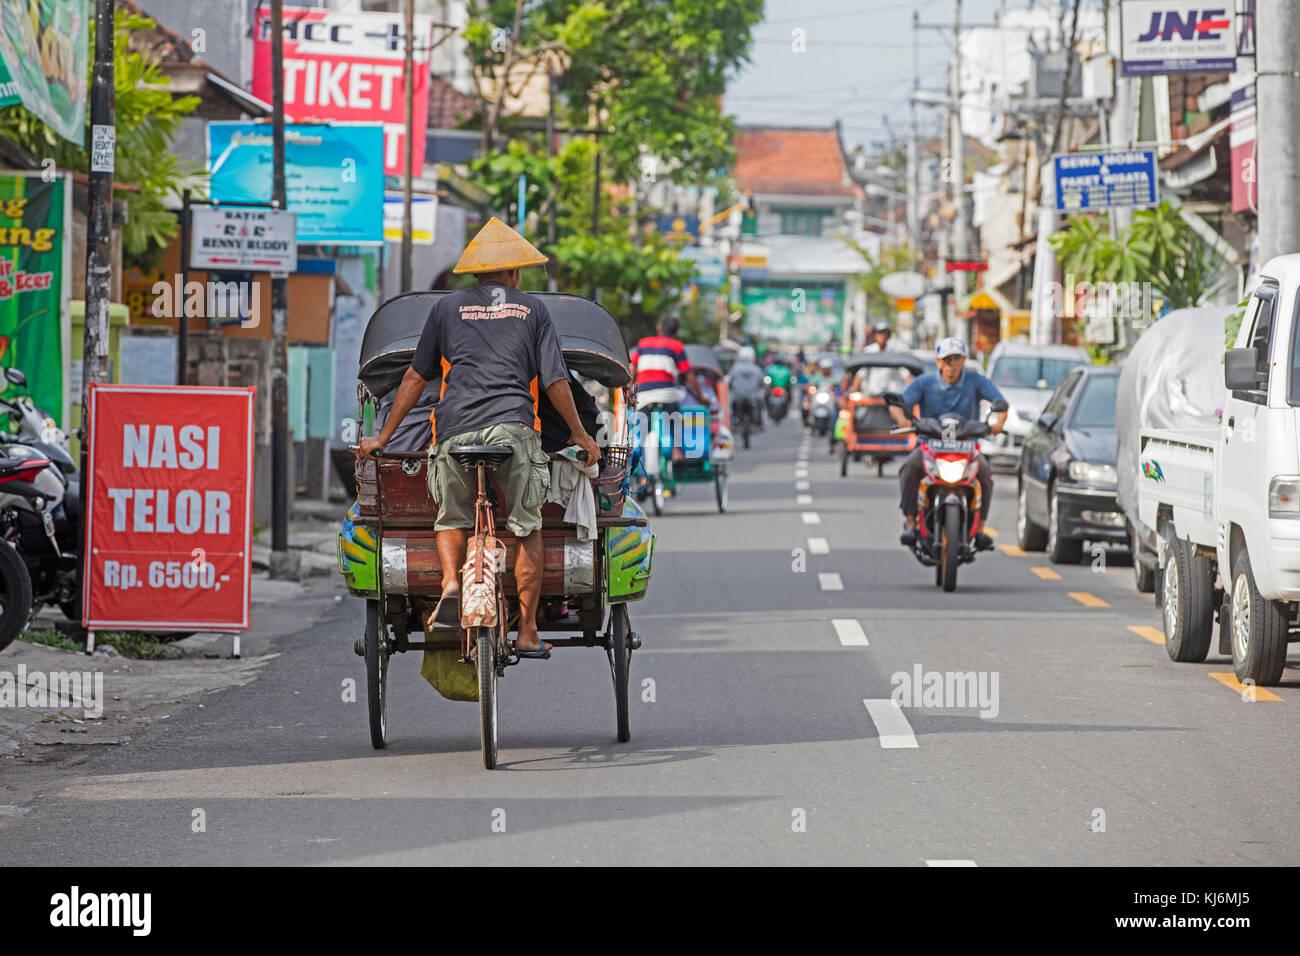 Zyklus Rikschas/becak für die öffentlichen Verkehrsmittel in der Stadt Yogyakarta, Java, Indonesien Stockbild